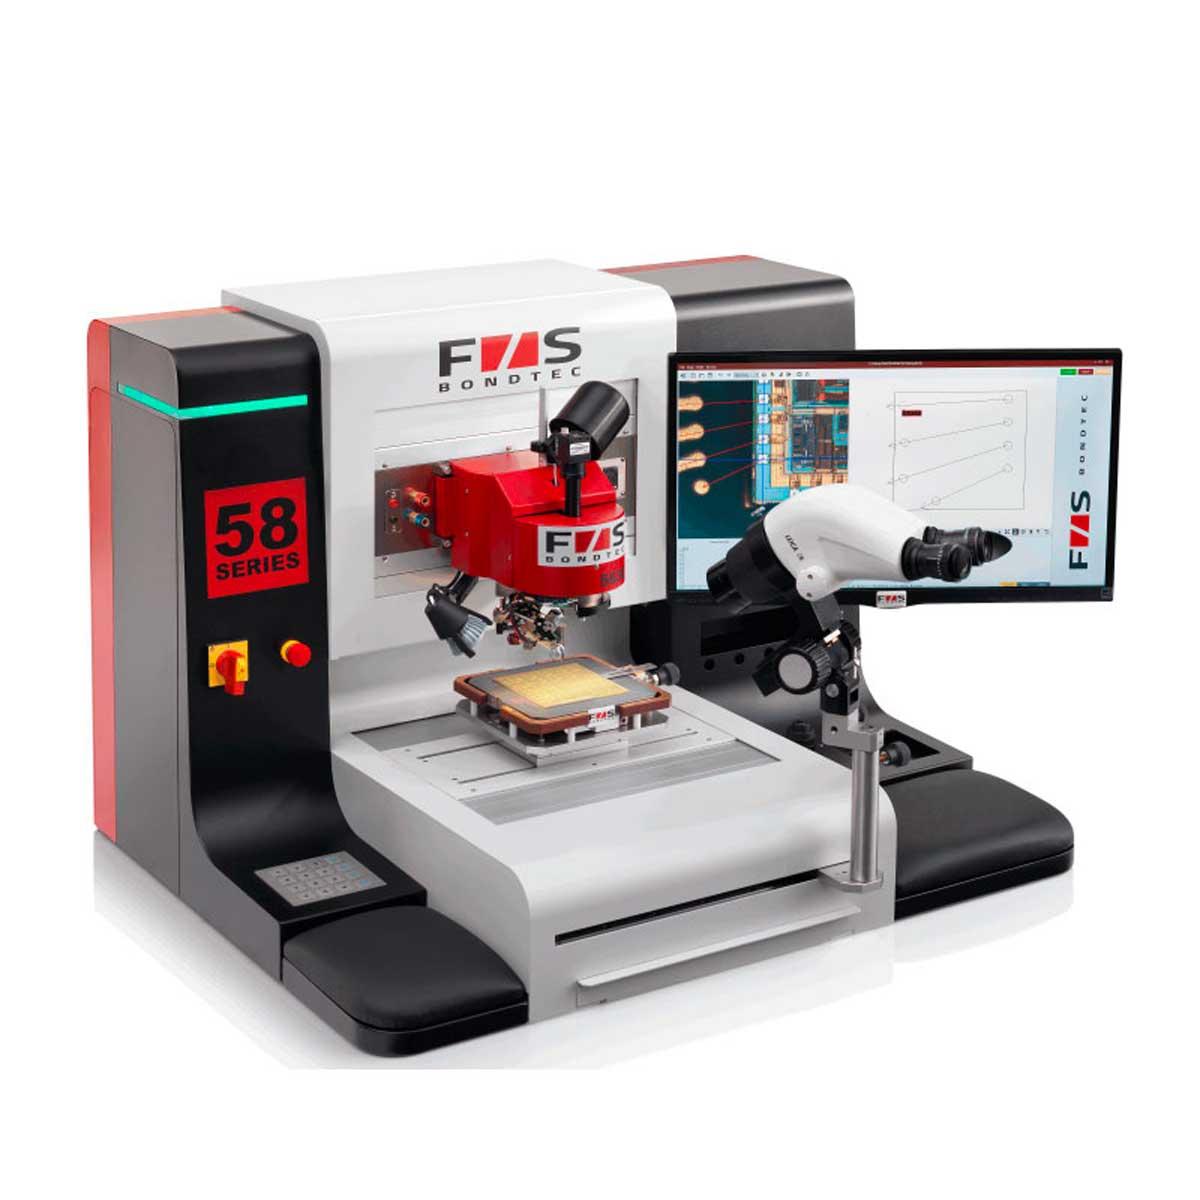 Установка ультразвуковой микросварки ꜛ F&S BONDTEC 58XX